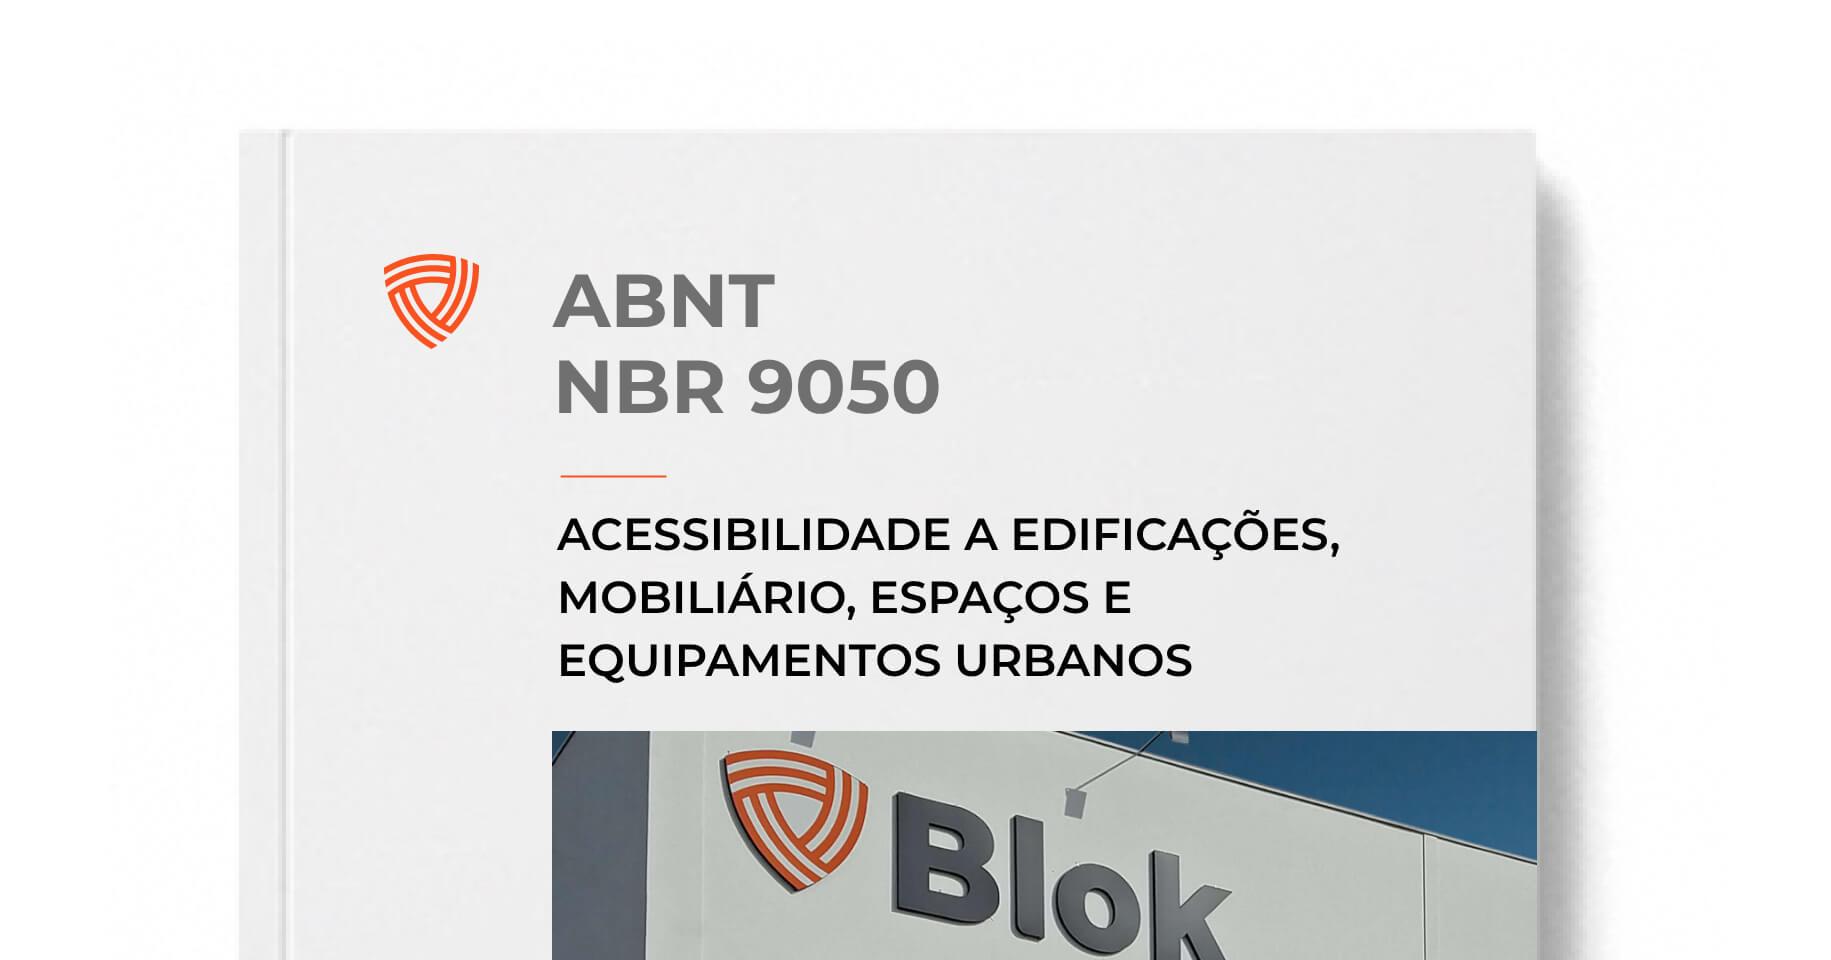 NBR 9050: Saiba Tudo Sobre Esta Norma!